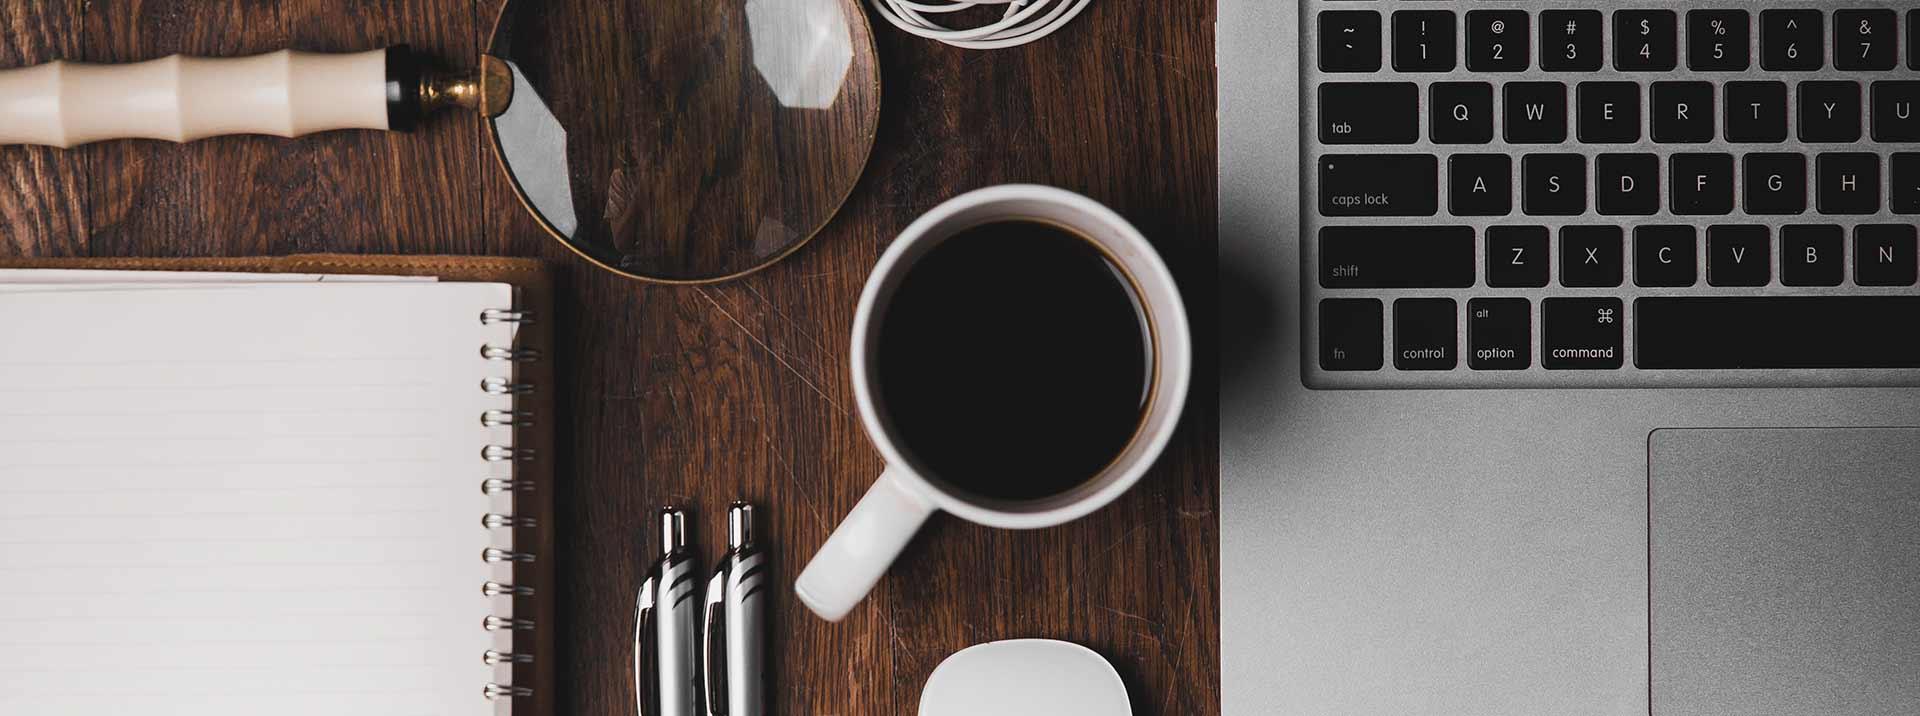 Z Lekstra prz kawie o prawie